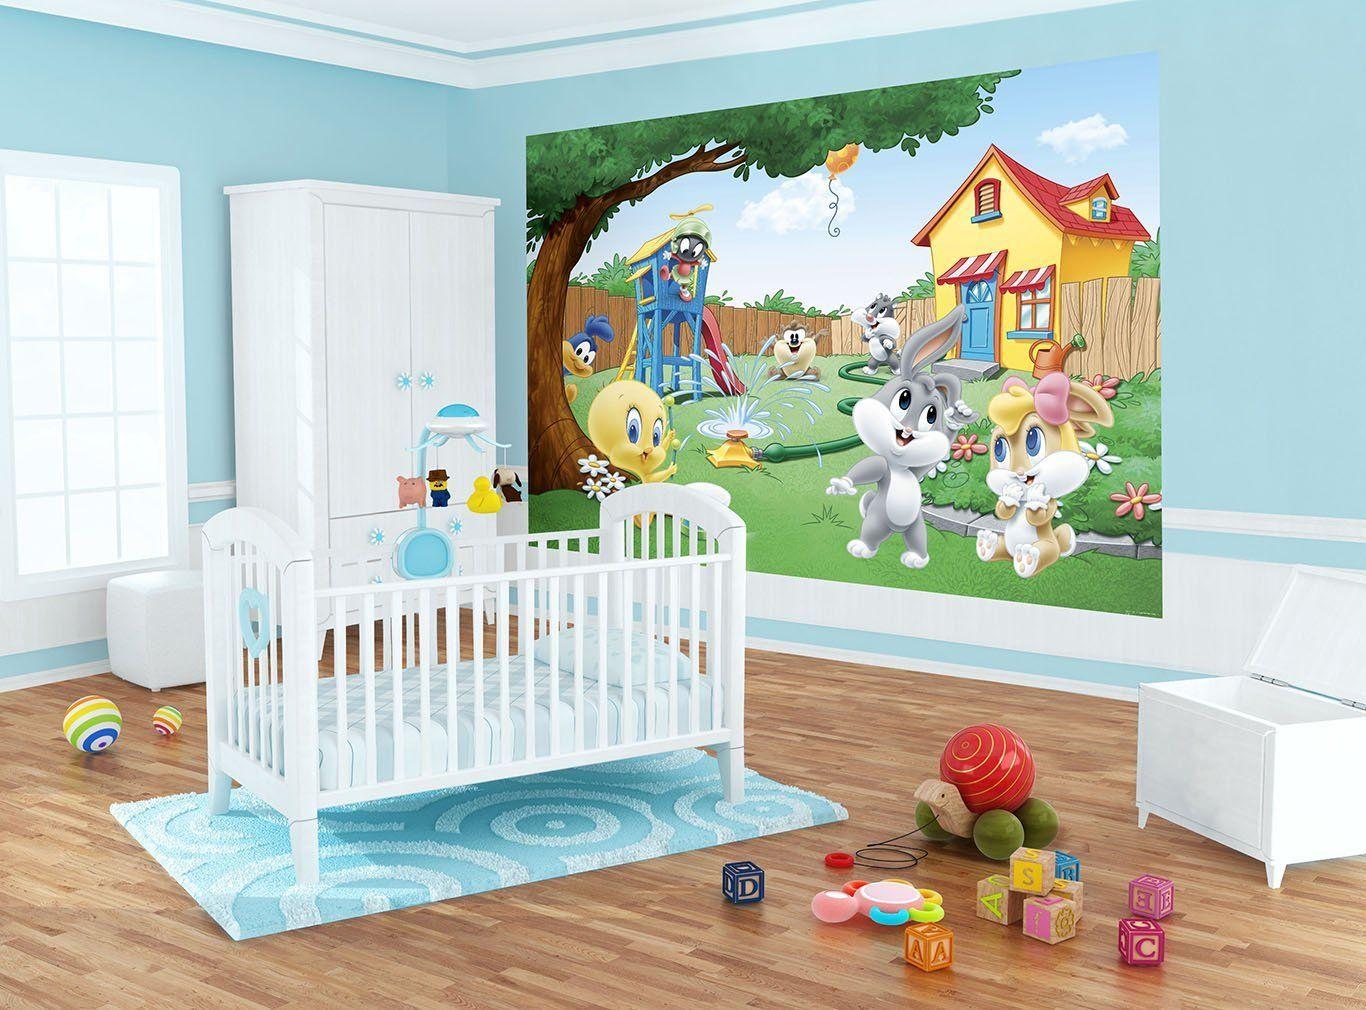 Looney Tunes Baby Garden Wallpaper Mural Co Uk Diy Tools